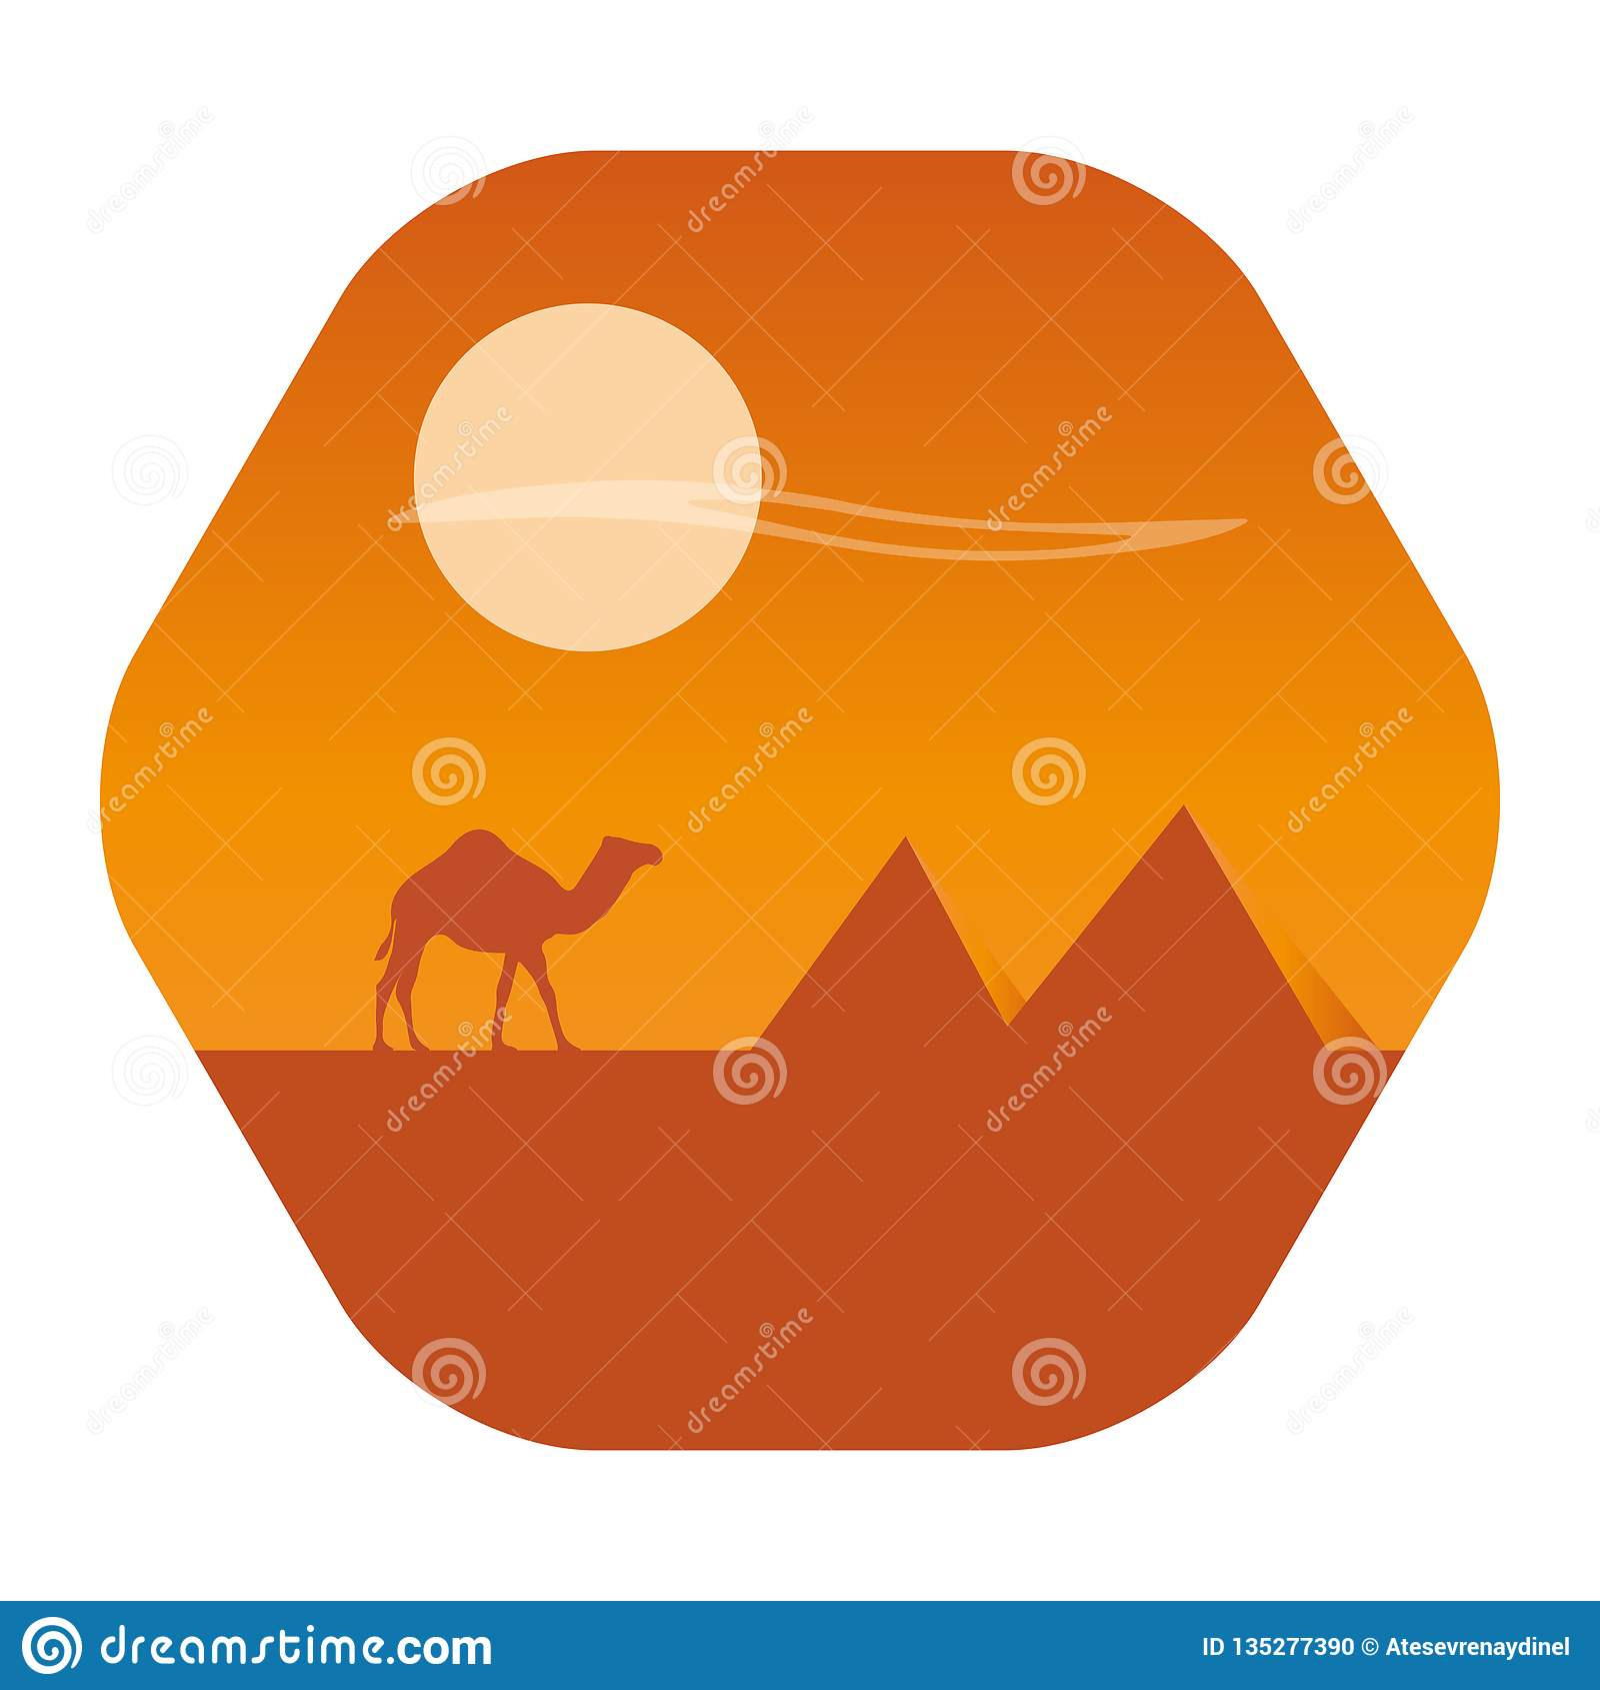 Wüste mit Pyramidenlandschaft Kamelwohnwagen auf Wüste bei Sonnenuntergang auf einem Hintergrund